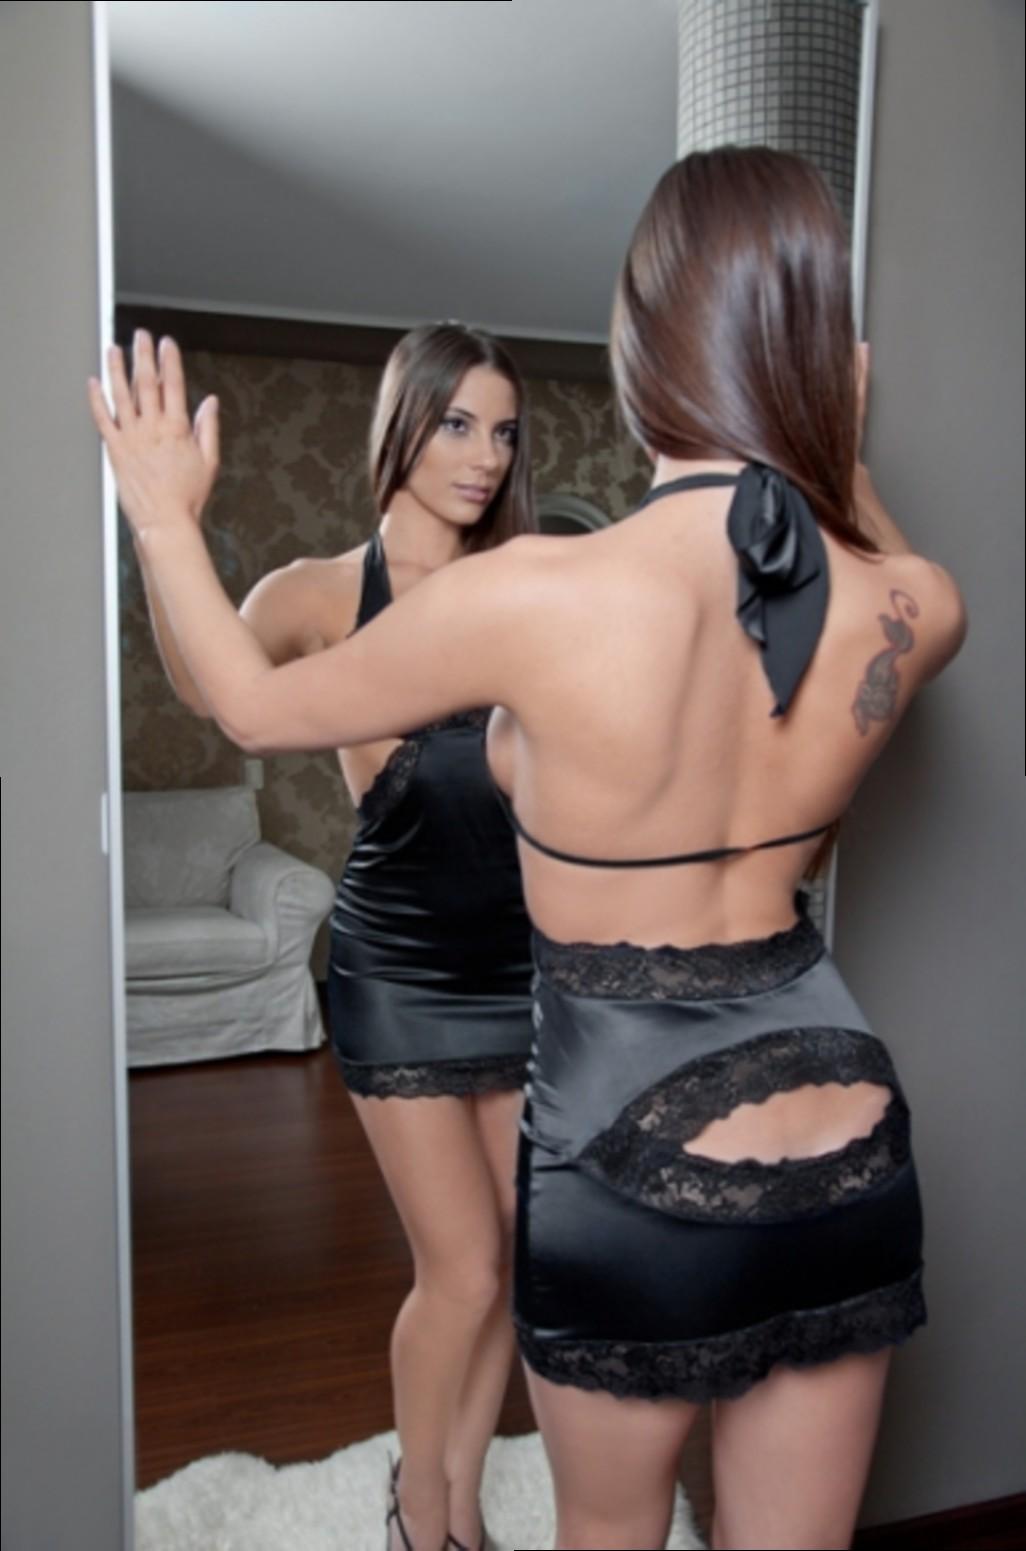 Порно платье с большим вырезом, фото девок в нижнем белье французский стиль